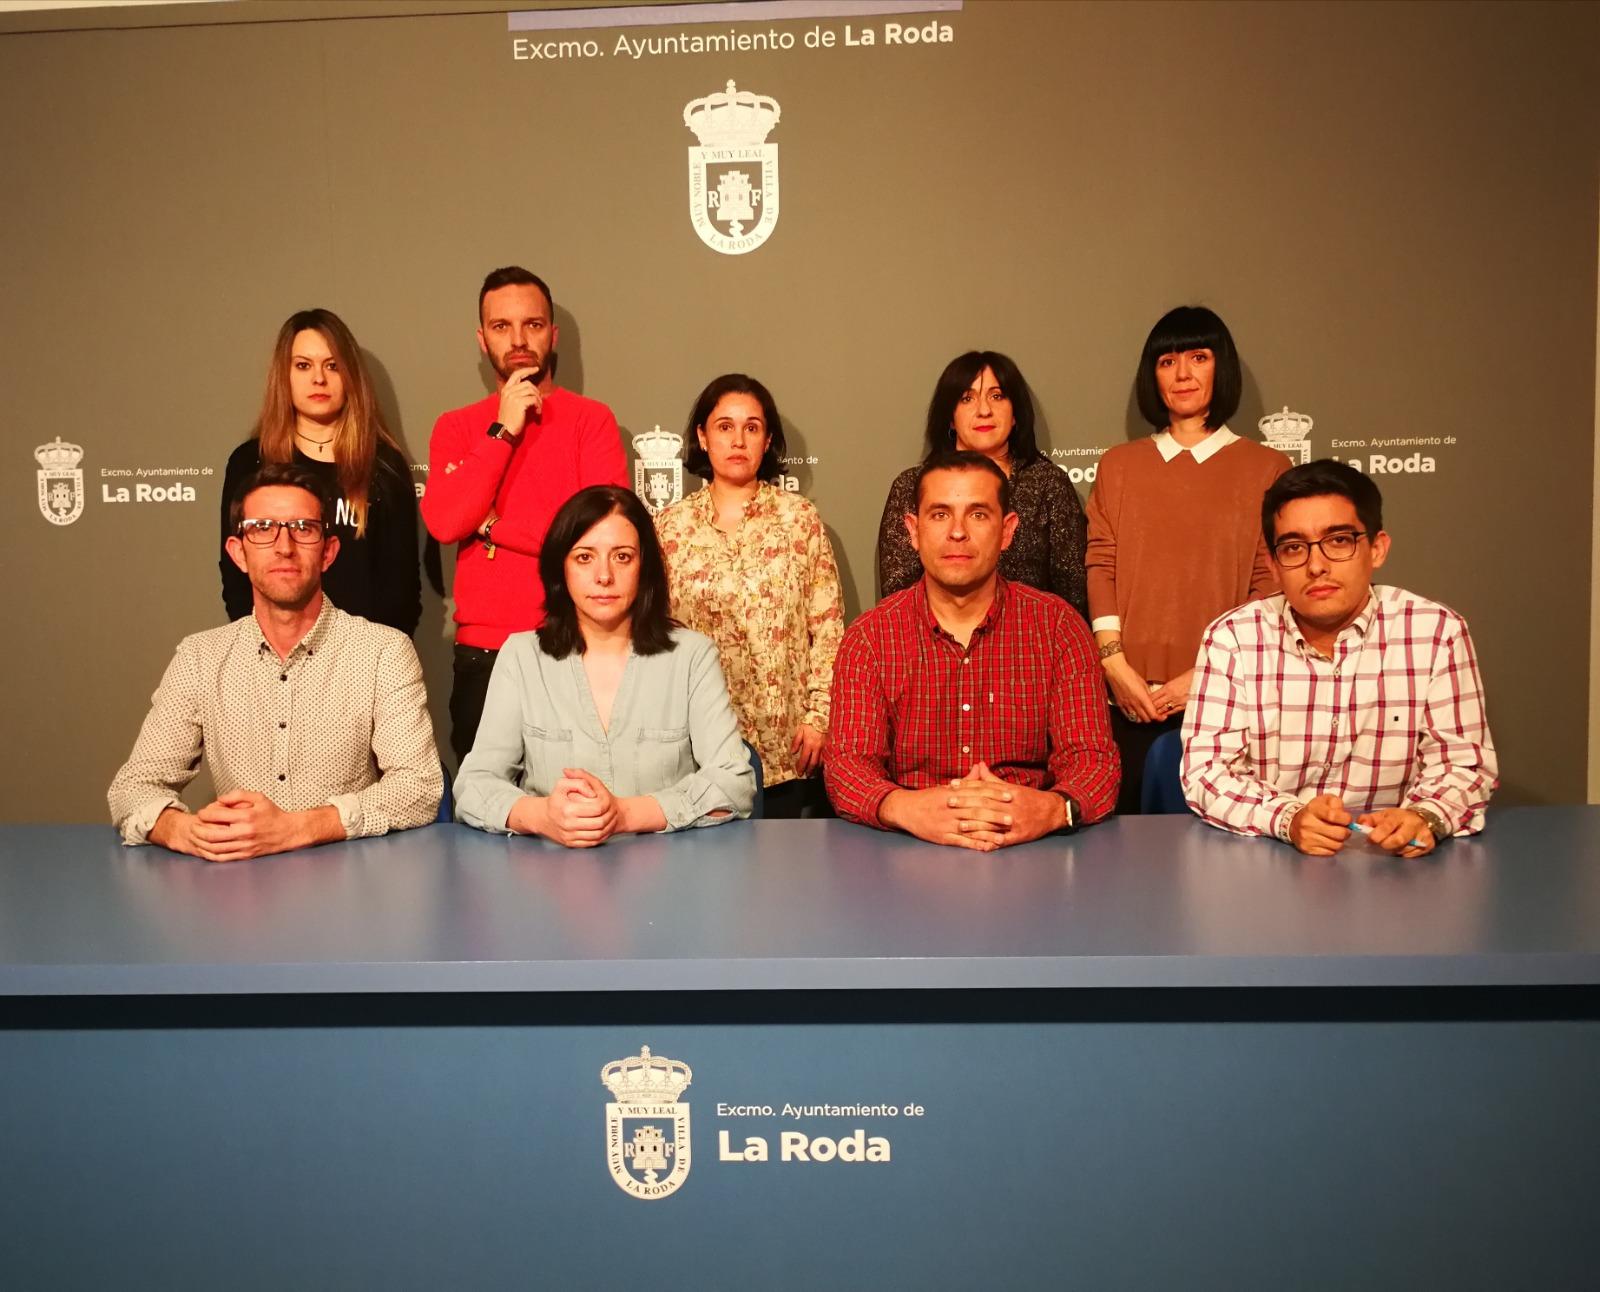 """El Ayuntamiento Suspende Sus Servicios Durante Los Próximos 15 Días Y Apela Al """"sentido Común"""" De La Ciudadanía Ante El COVID19"""